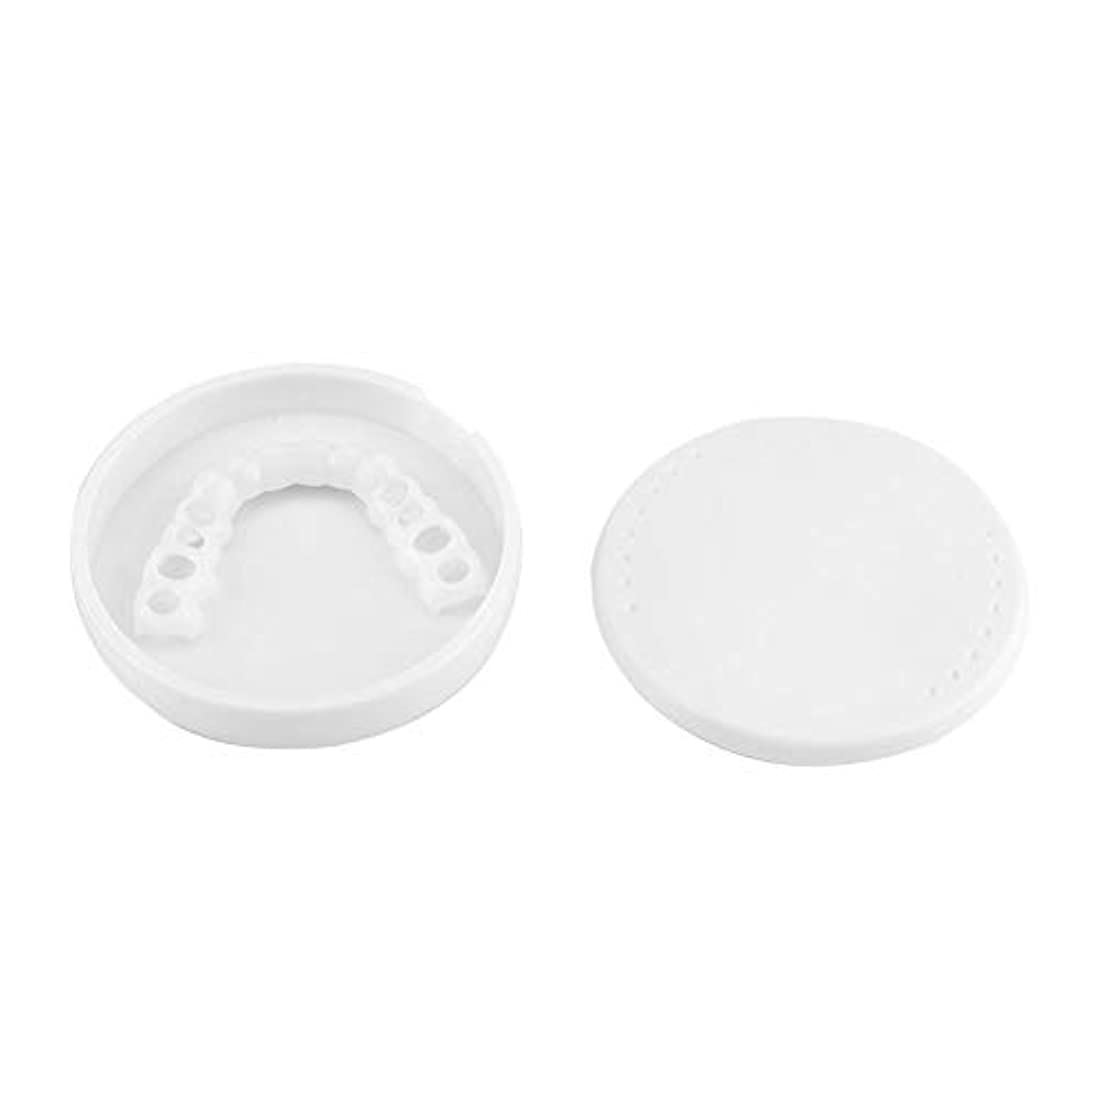 累積西浜辺Salinr インスタント 完璧なベニヤの歯スナップキャップを白く 一時的な化粧品歯義 歯化粧品シミュレーション 白くする歯カバー フィットフレックス歯ベニア上の歯+下歯のセット